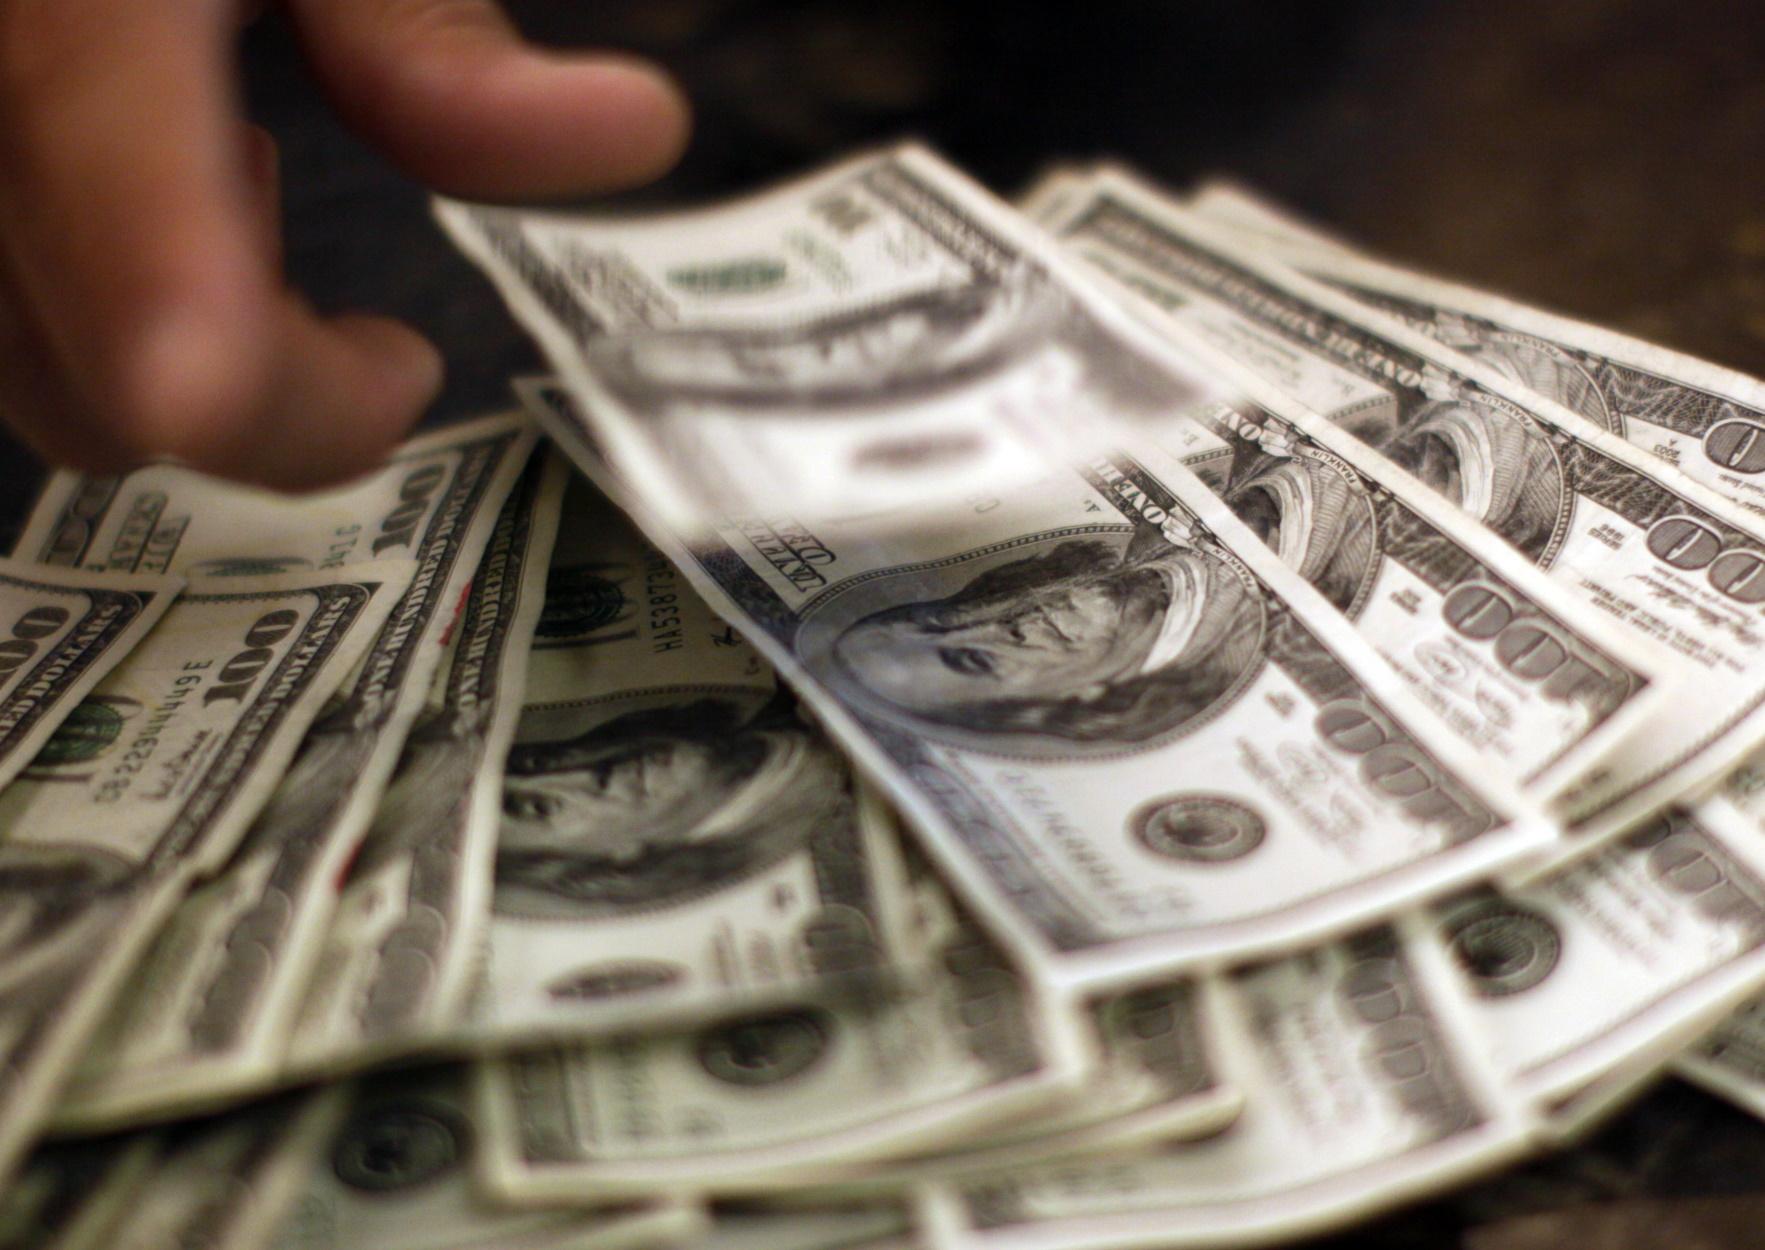 ΗΠΑ: Η κεντρική τράπεζα αφήνει τον πληθωρισμό να αυξάνεται για να ενισχύσει την απασχόληση